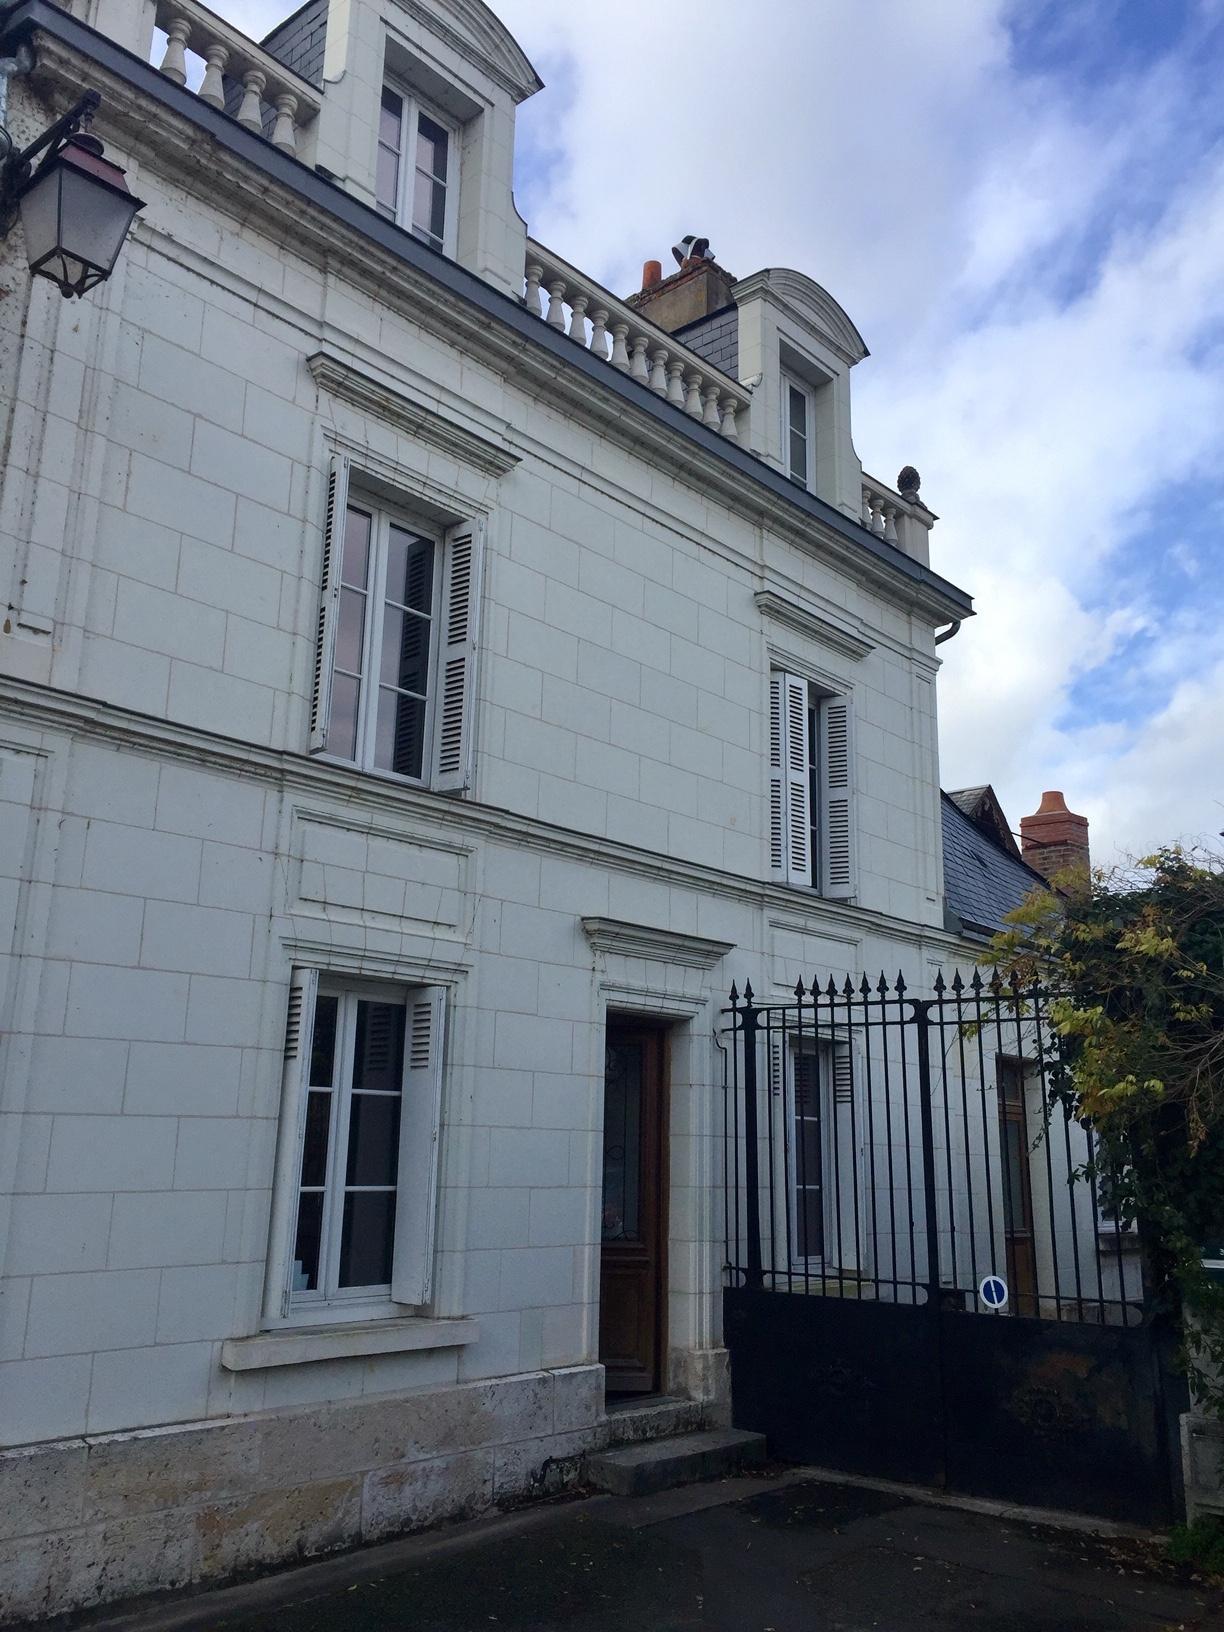 exclusivite-m-b-immobilier-maison-familiale-au-coeur-d-amboise